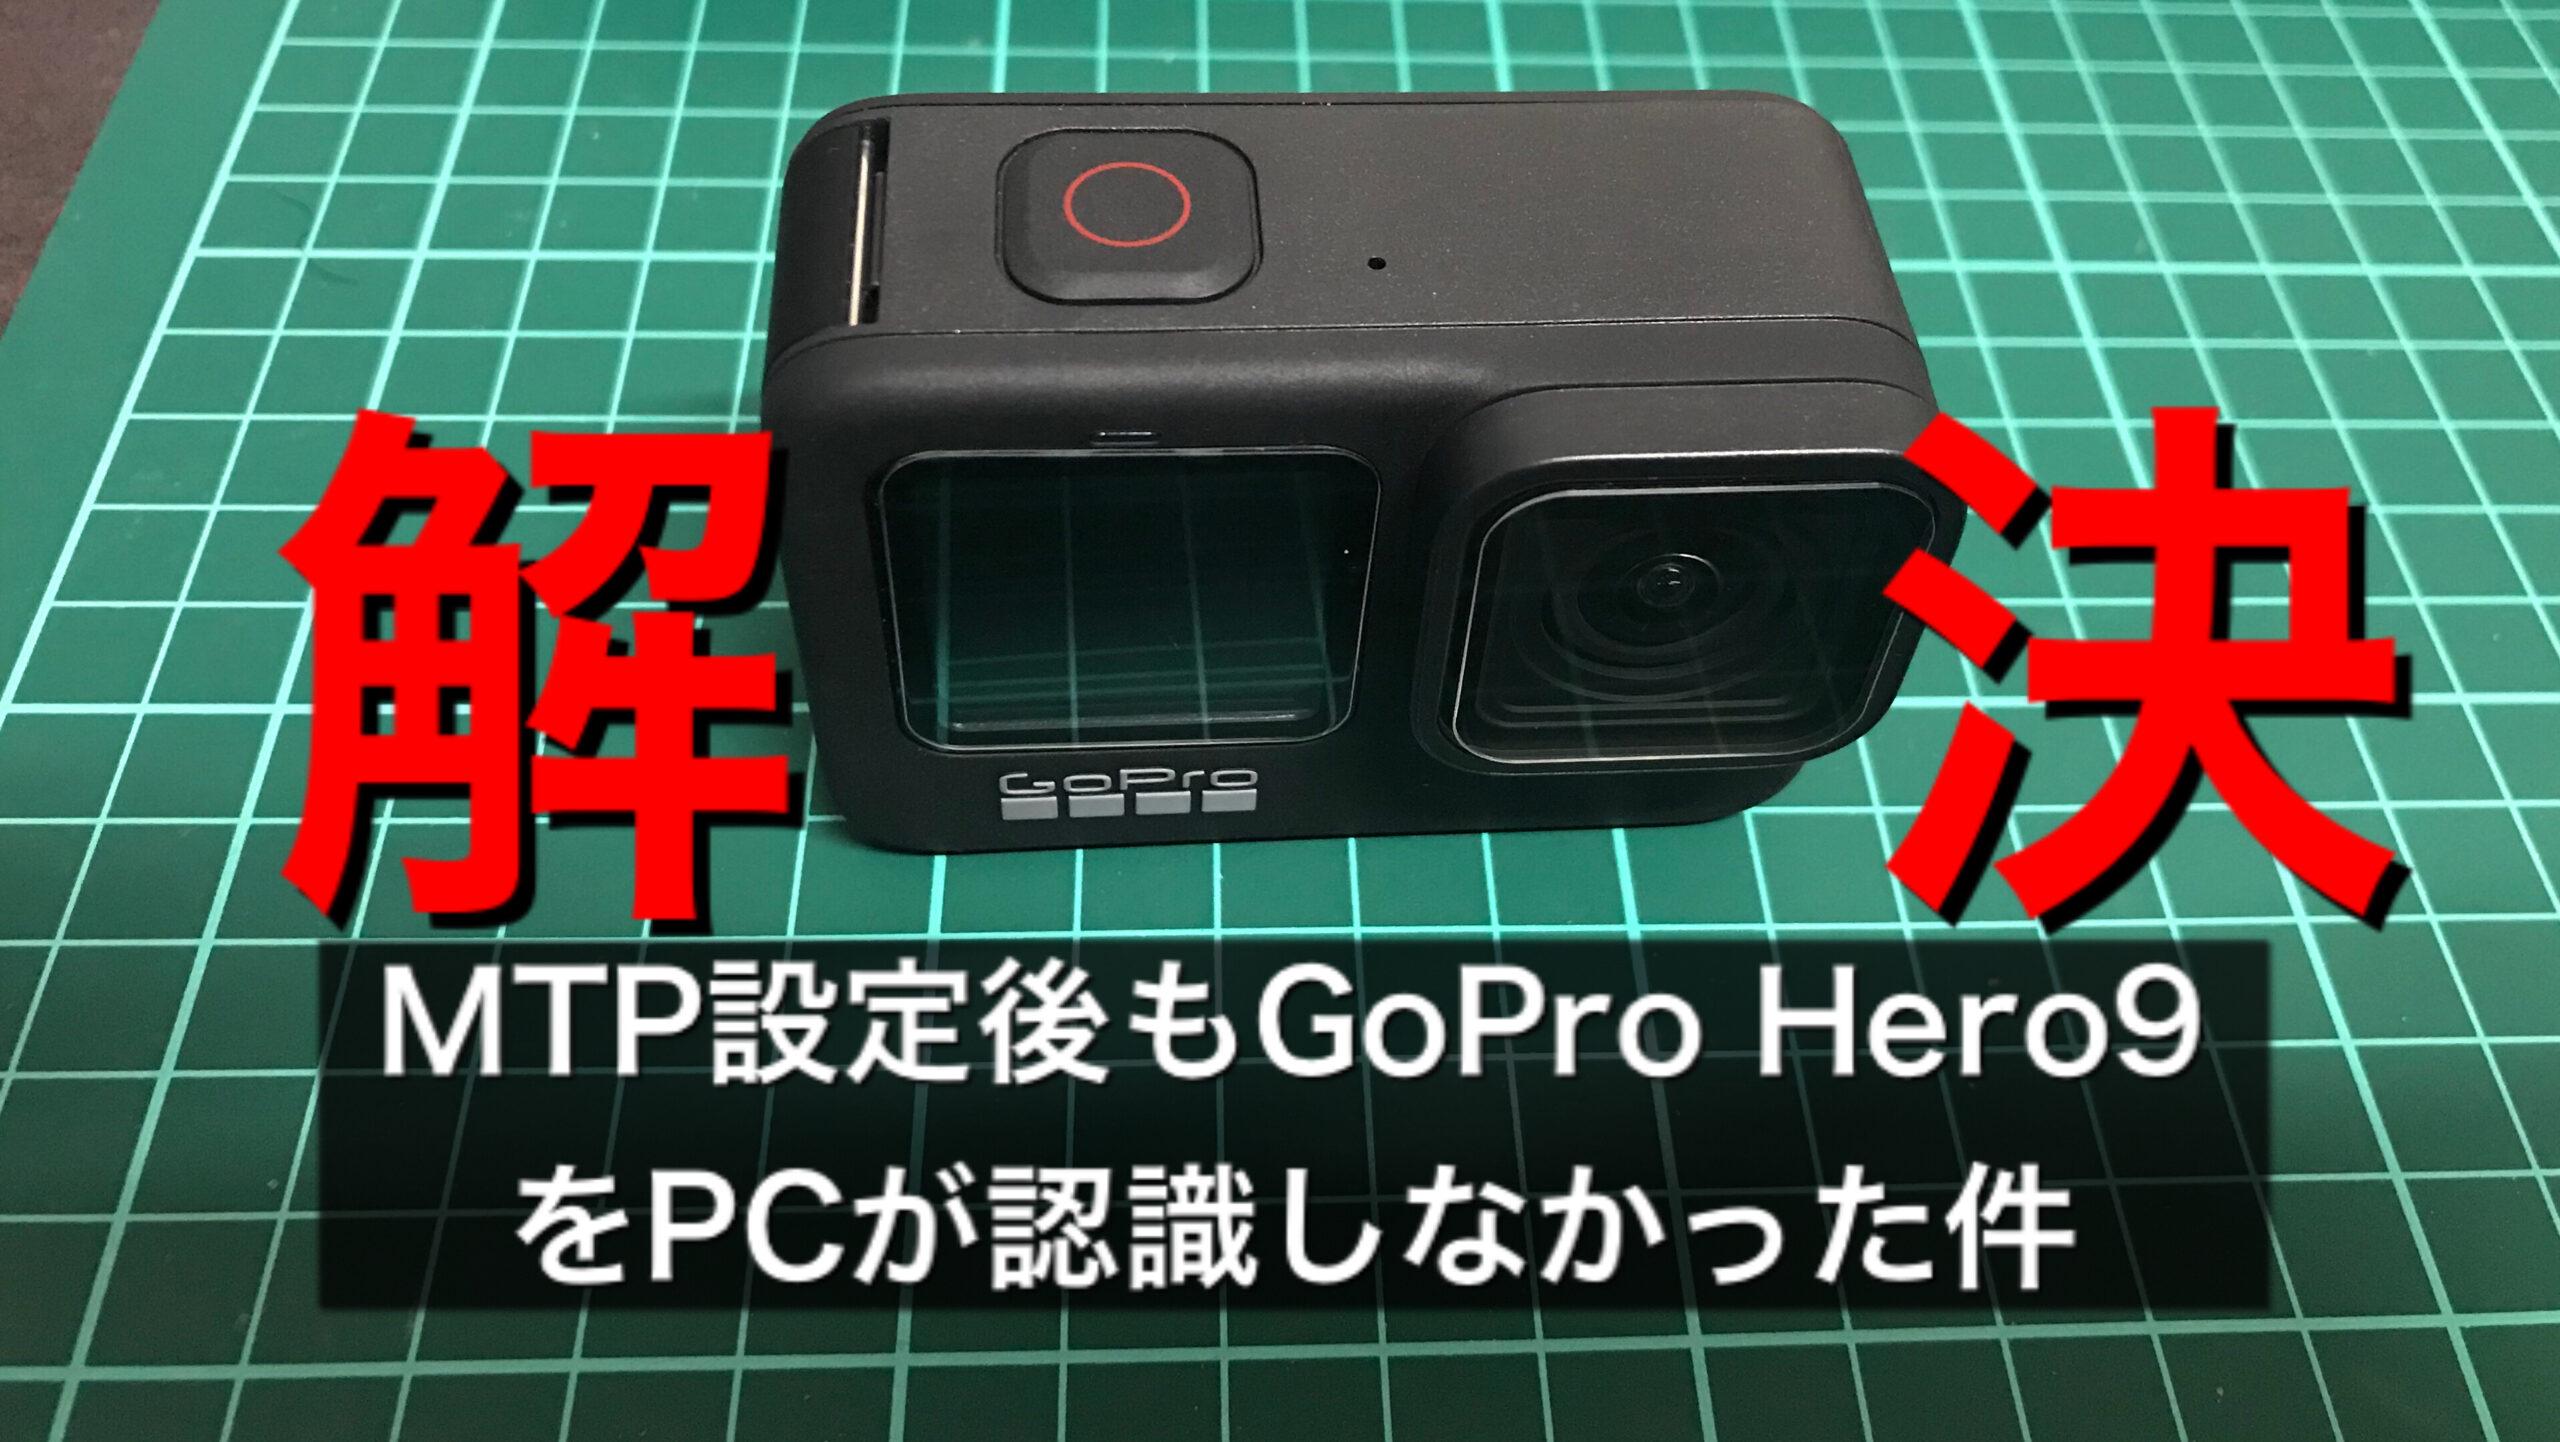 MTP設定後もGoPro Hero9をPCが認識しなかった件のアイキャッチ